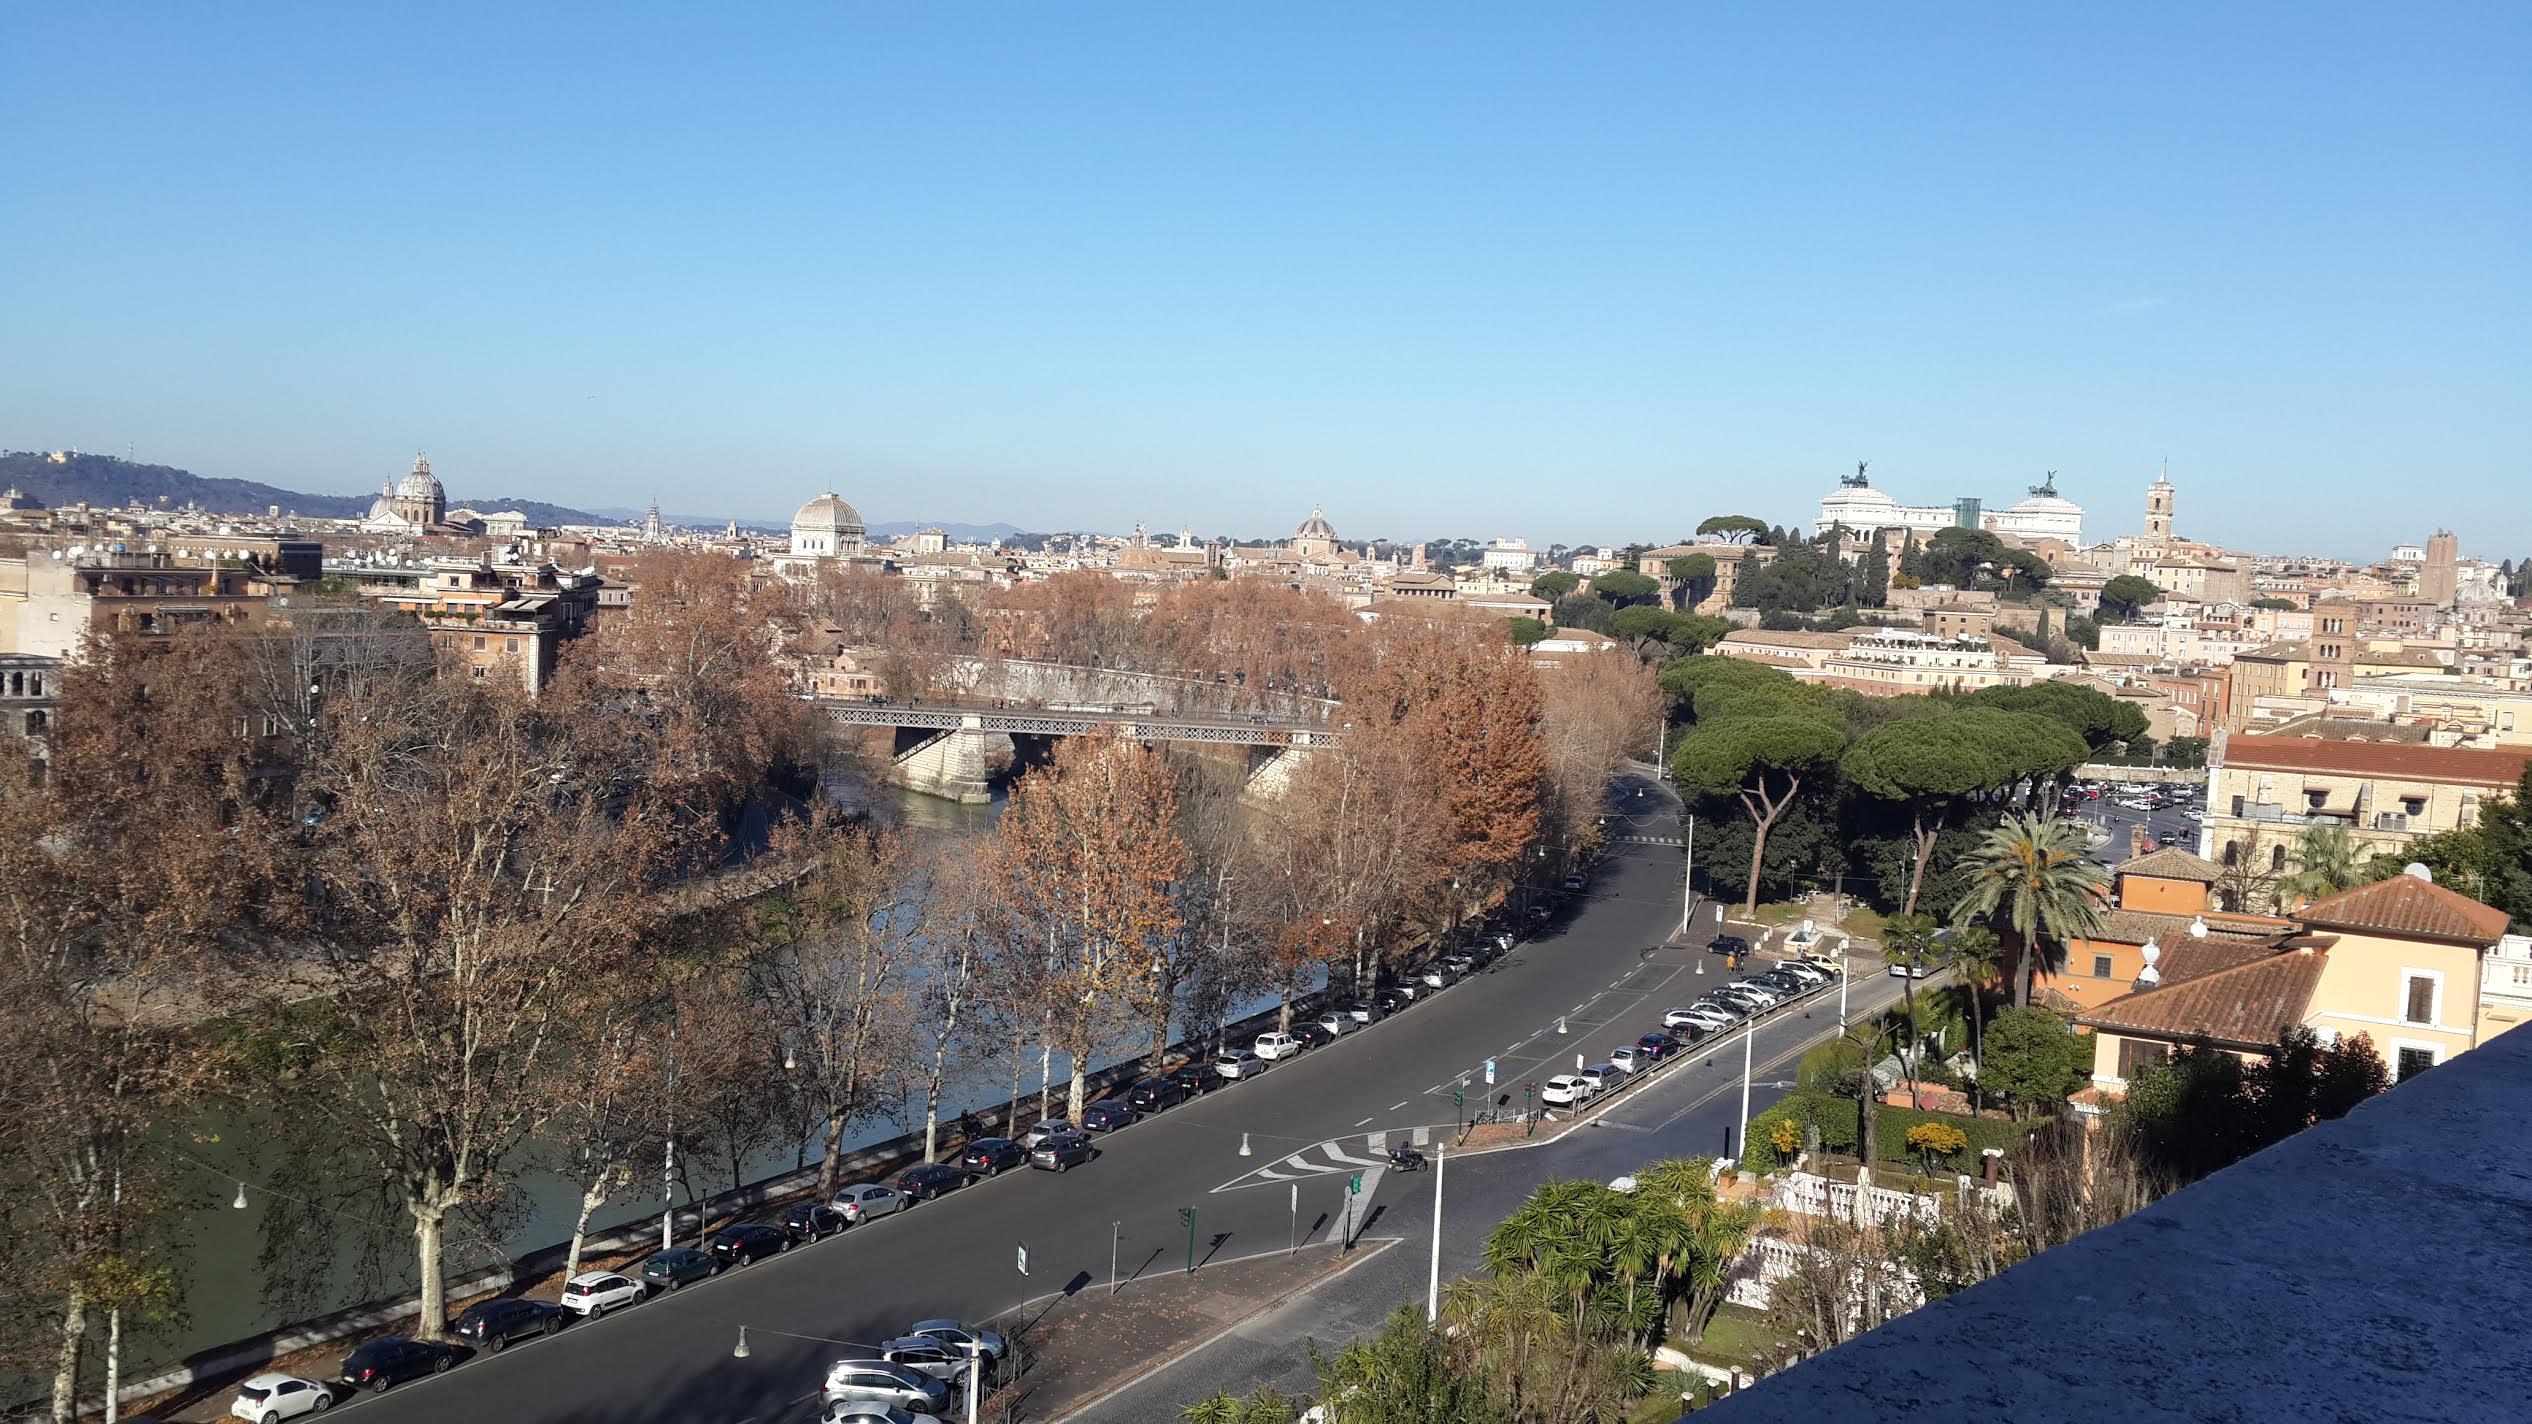 экскурсия на авто по смотровым площадкам Рима